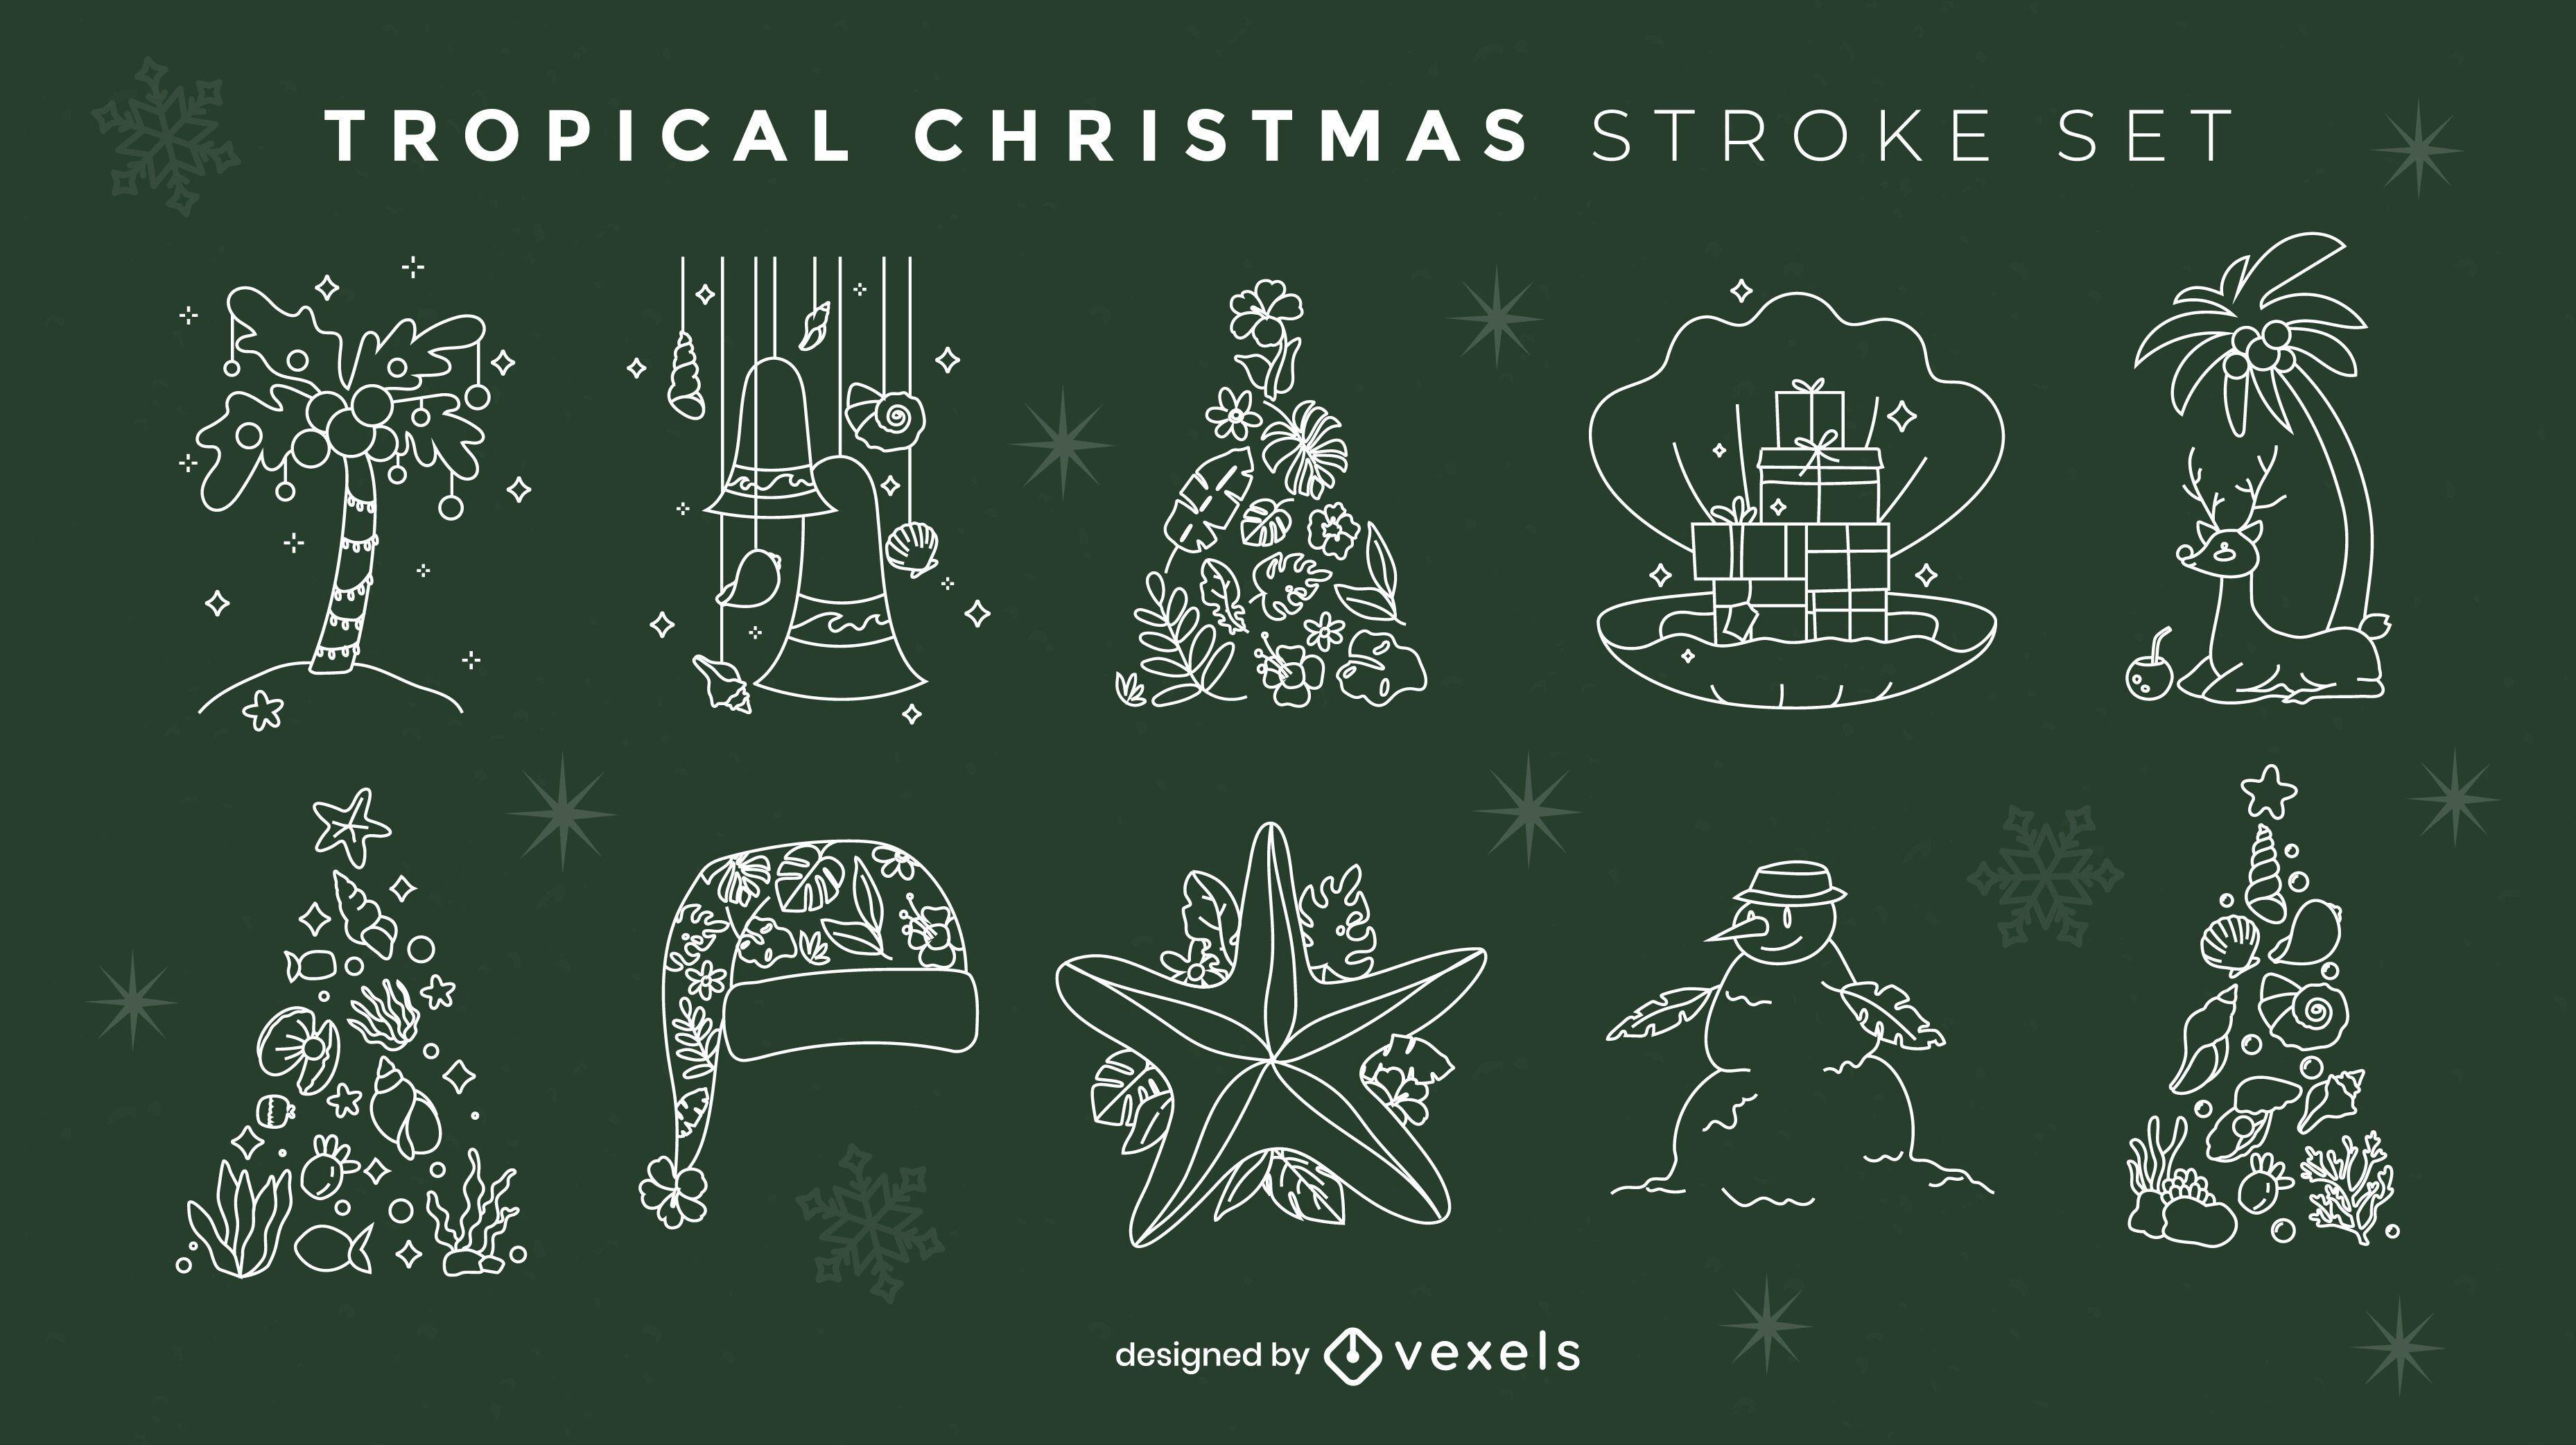 Conjunto de trazos de elementos tropicales de temporada navideña